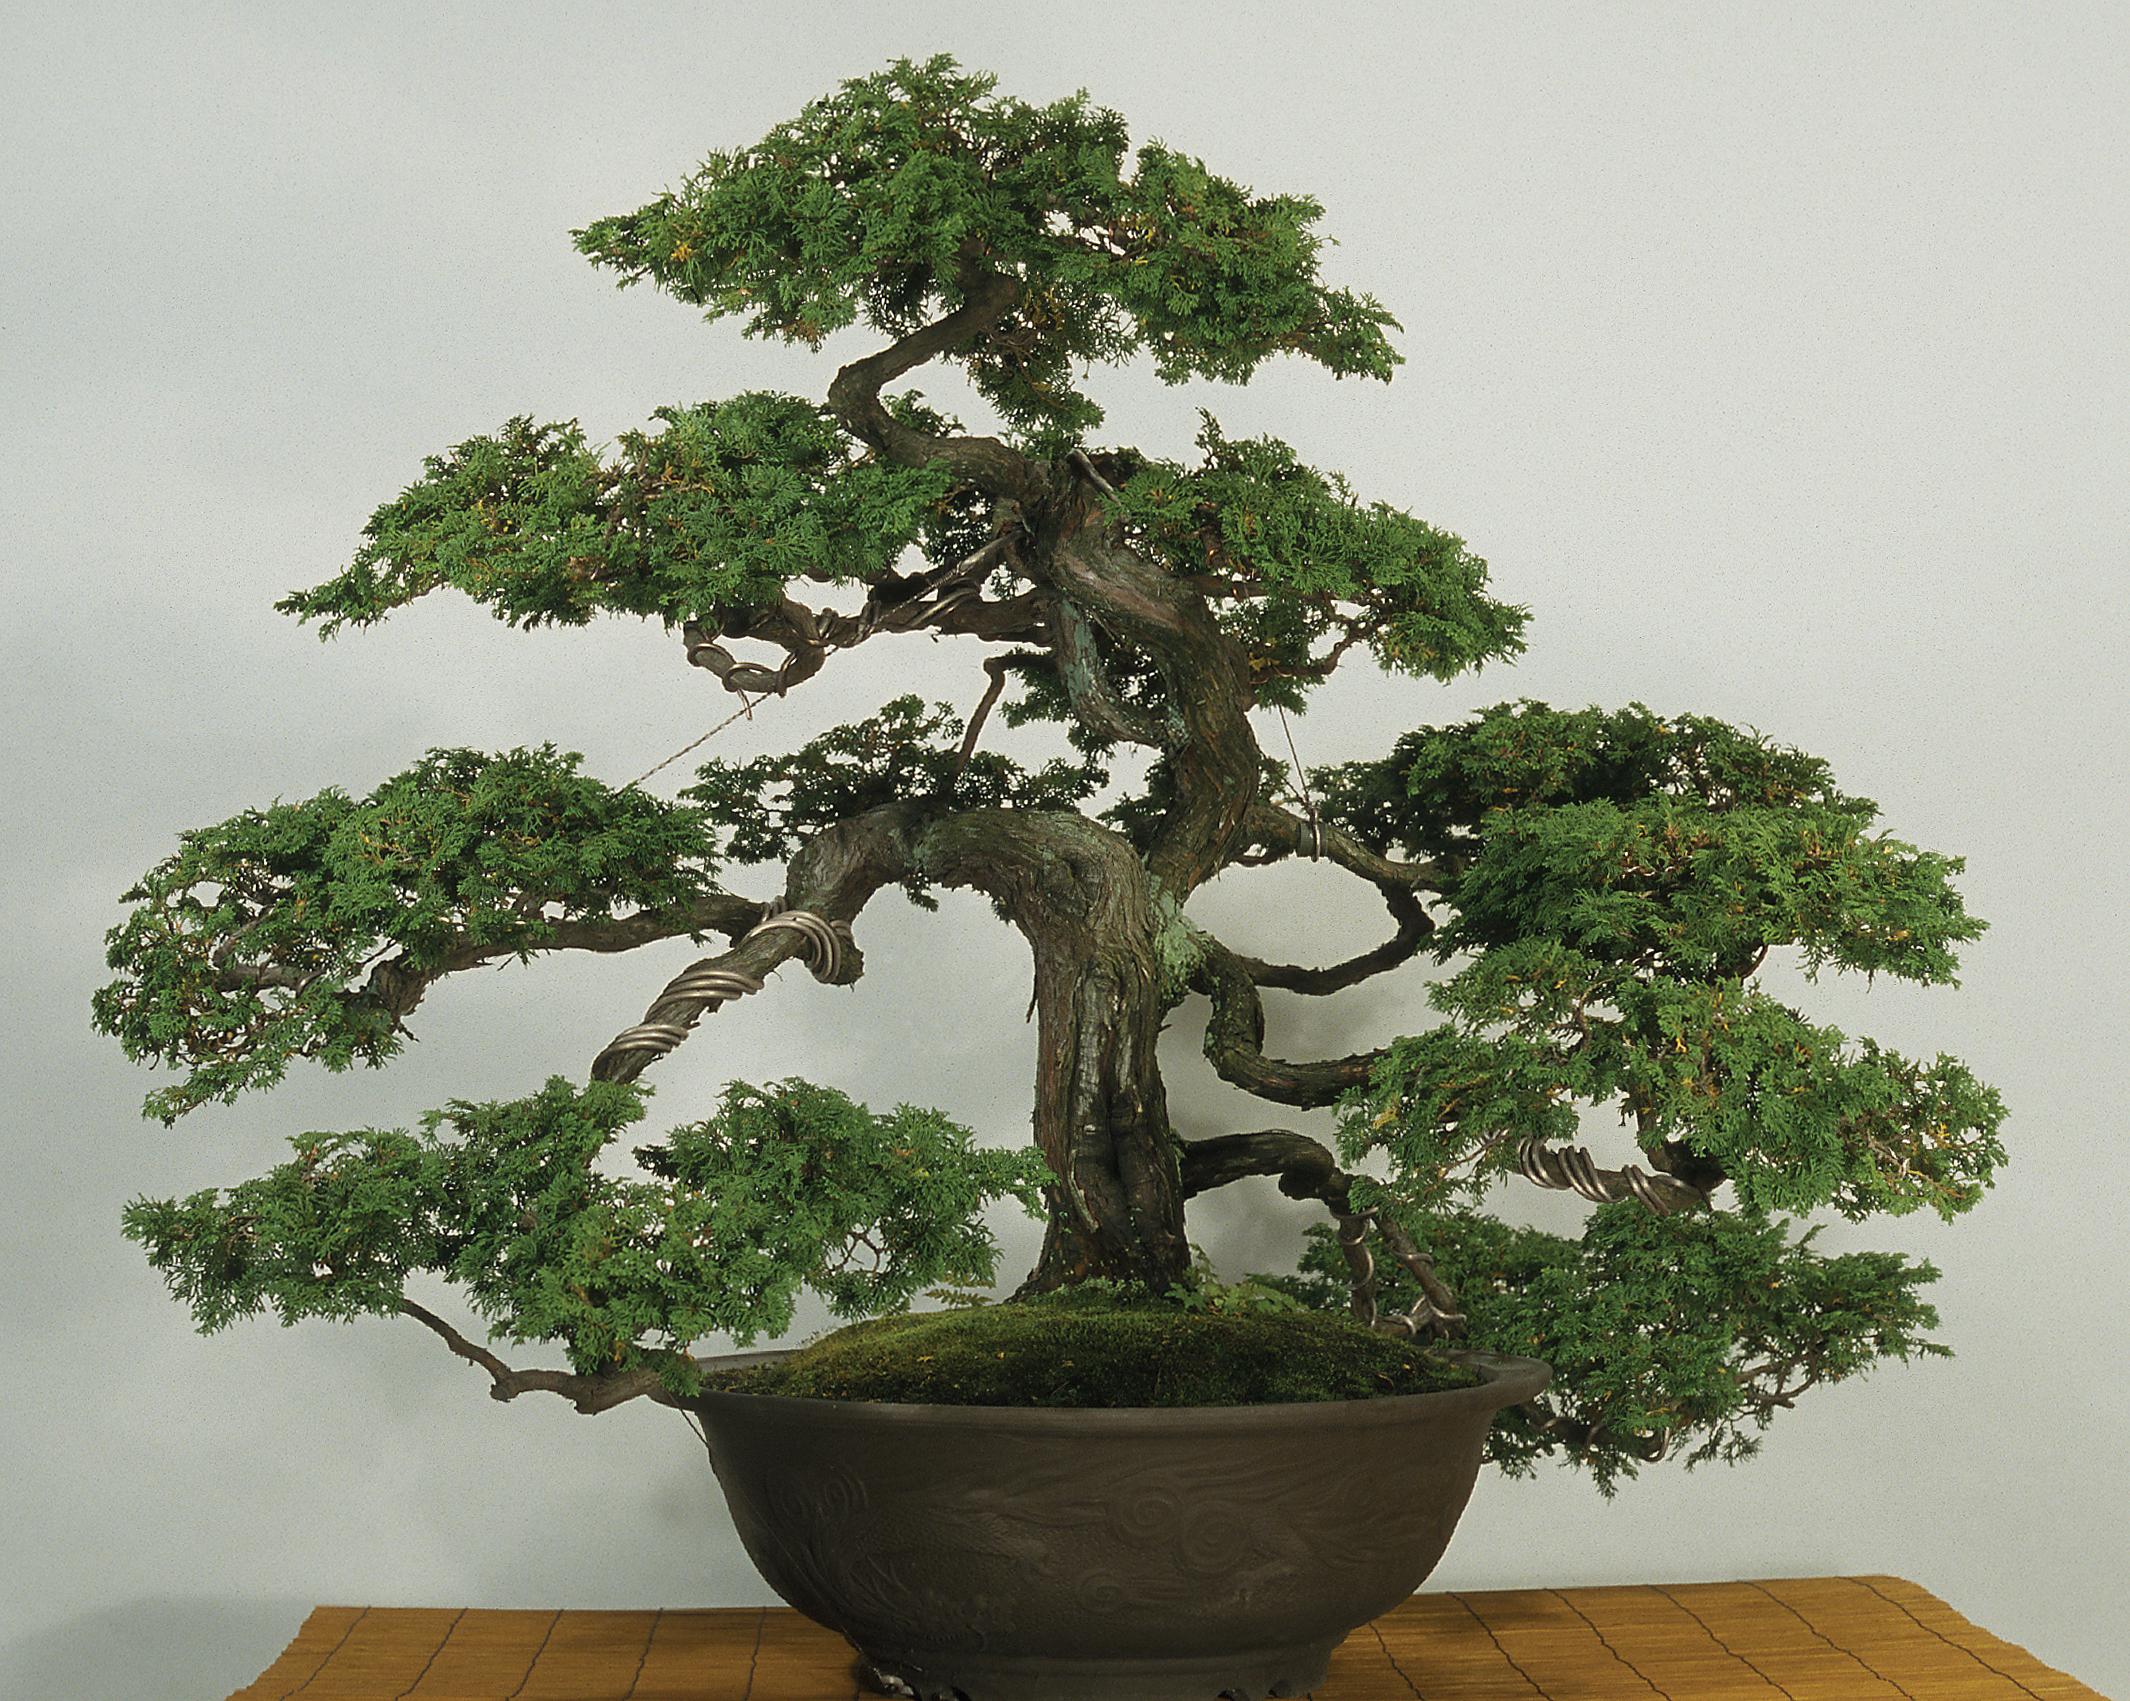 Color photograph of large bonsai